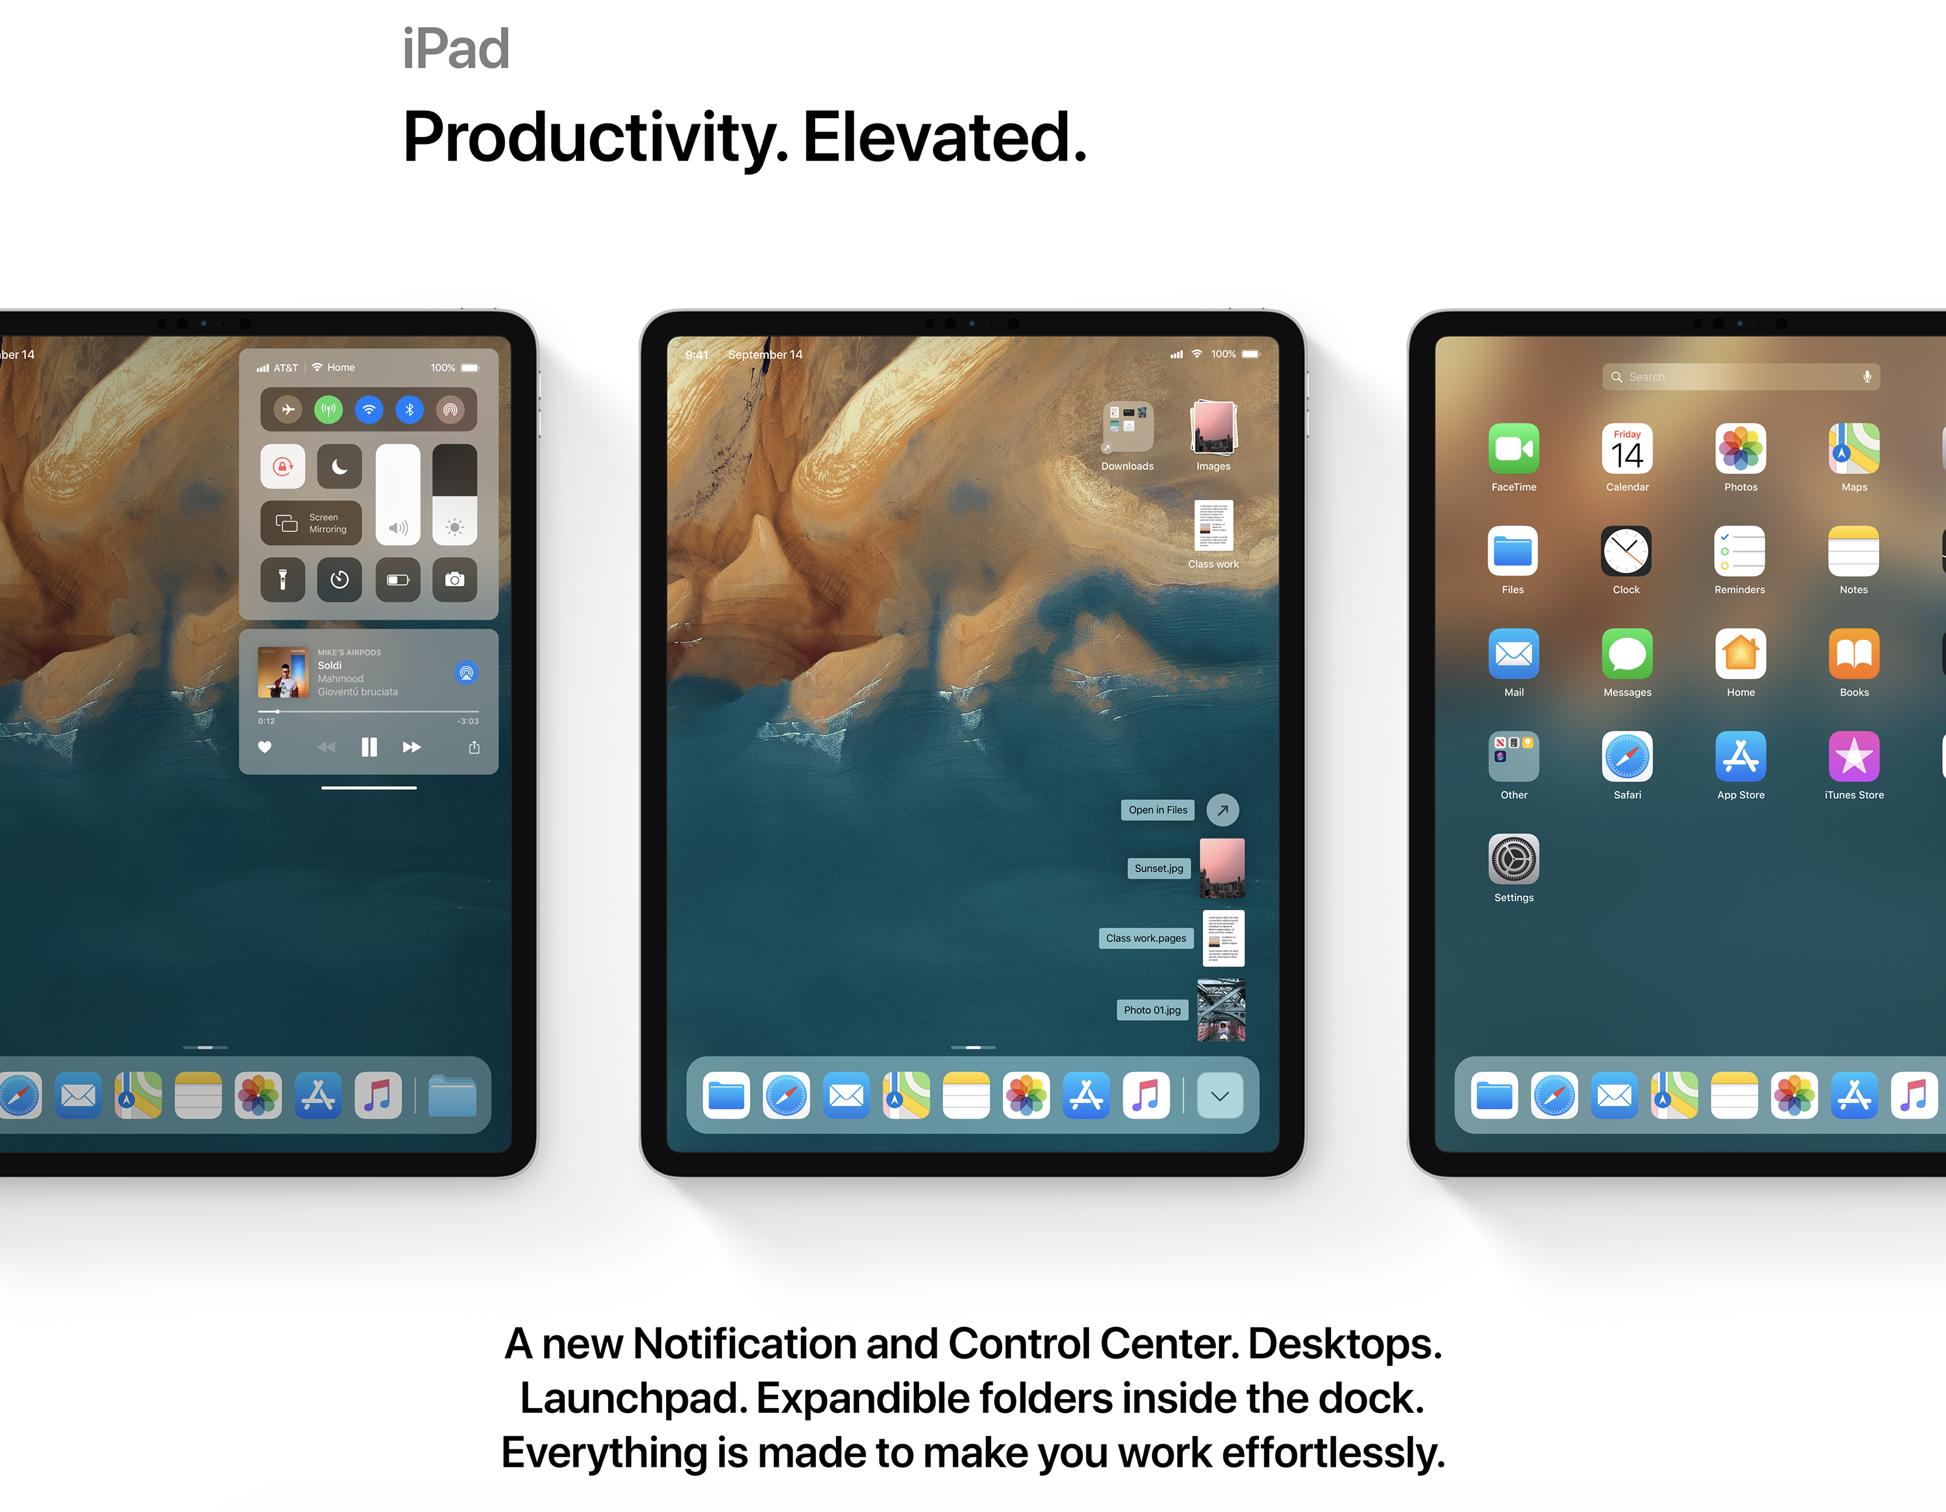 iOS 13 New iPad Experience